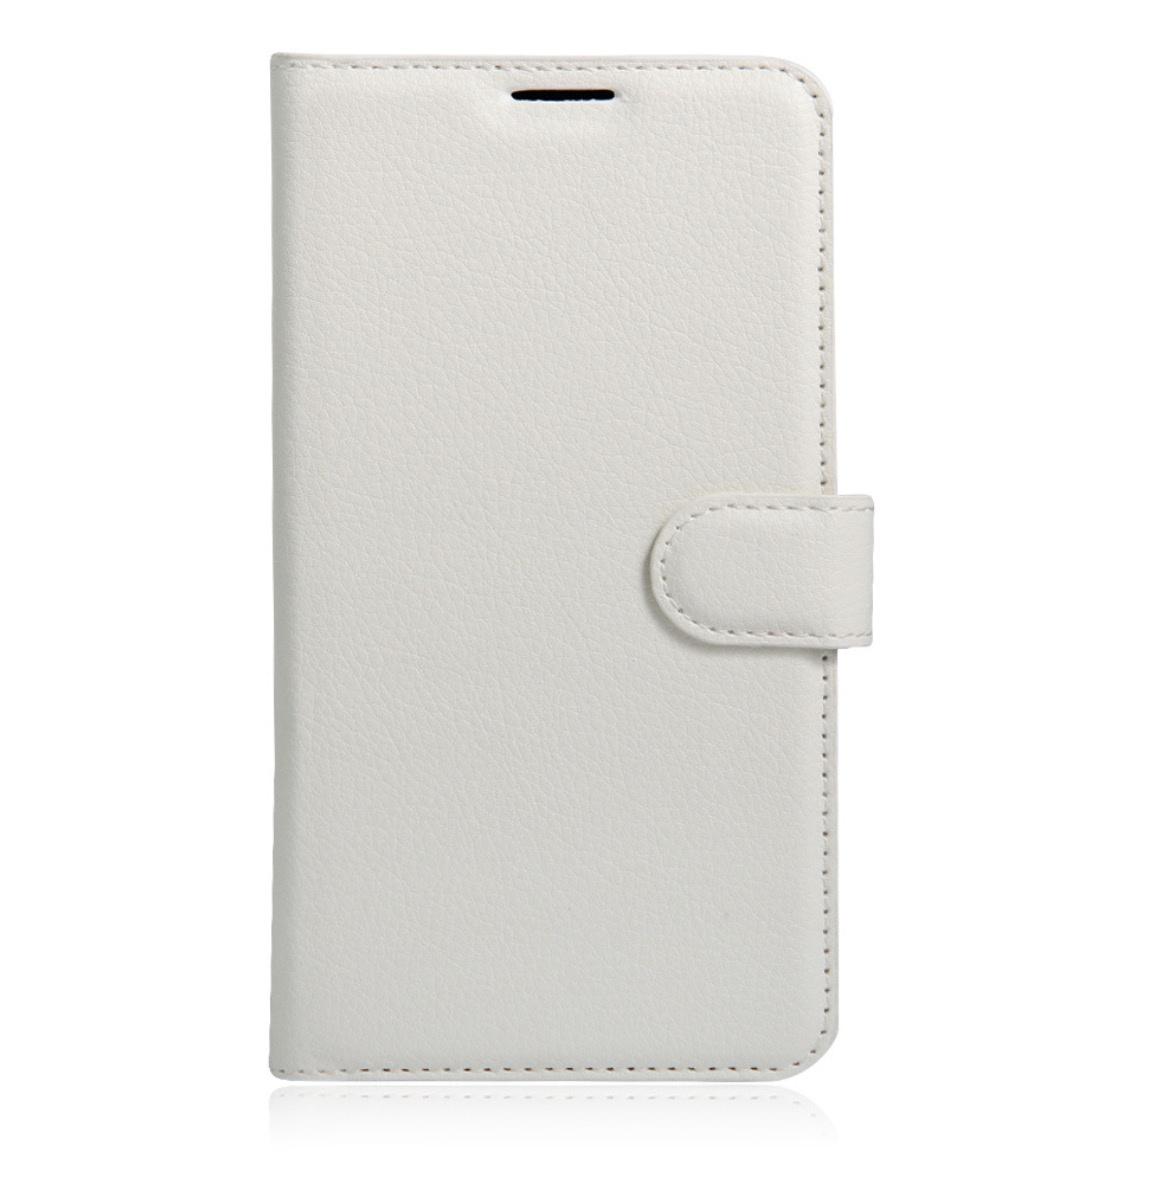 Чехол-книжка MyPads для Sony Xperia E4/ E4 Dual E2105/E2115 с мульти-подставкой застёжкой и визитницей белый mooncase s линия мягкий силиконовый гель тпу защитный чехол гибкой оболочки защитный чехол для sony xperia e4 белый